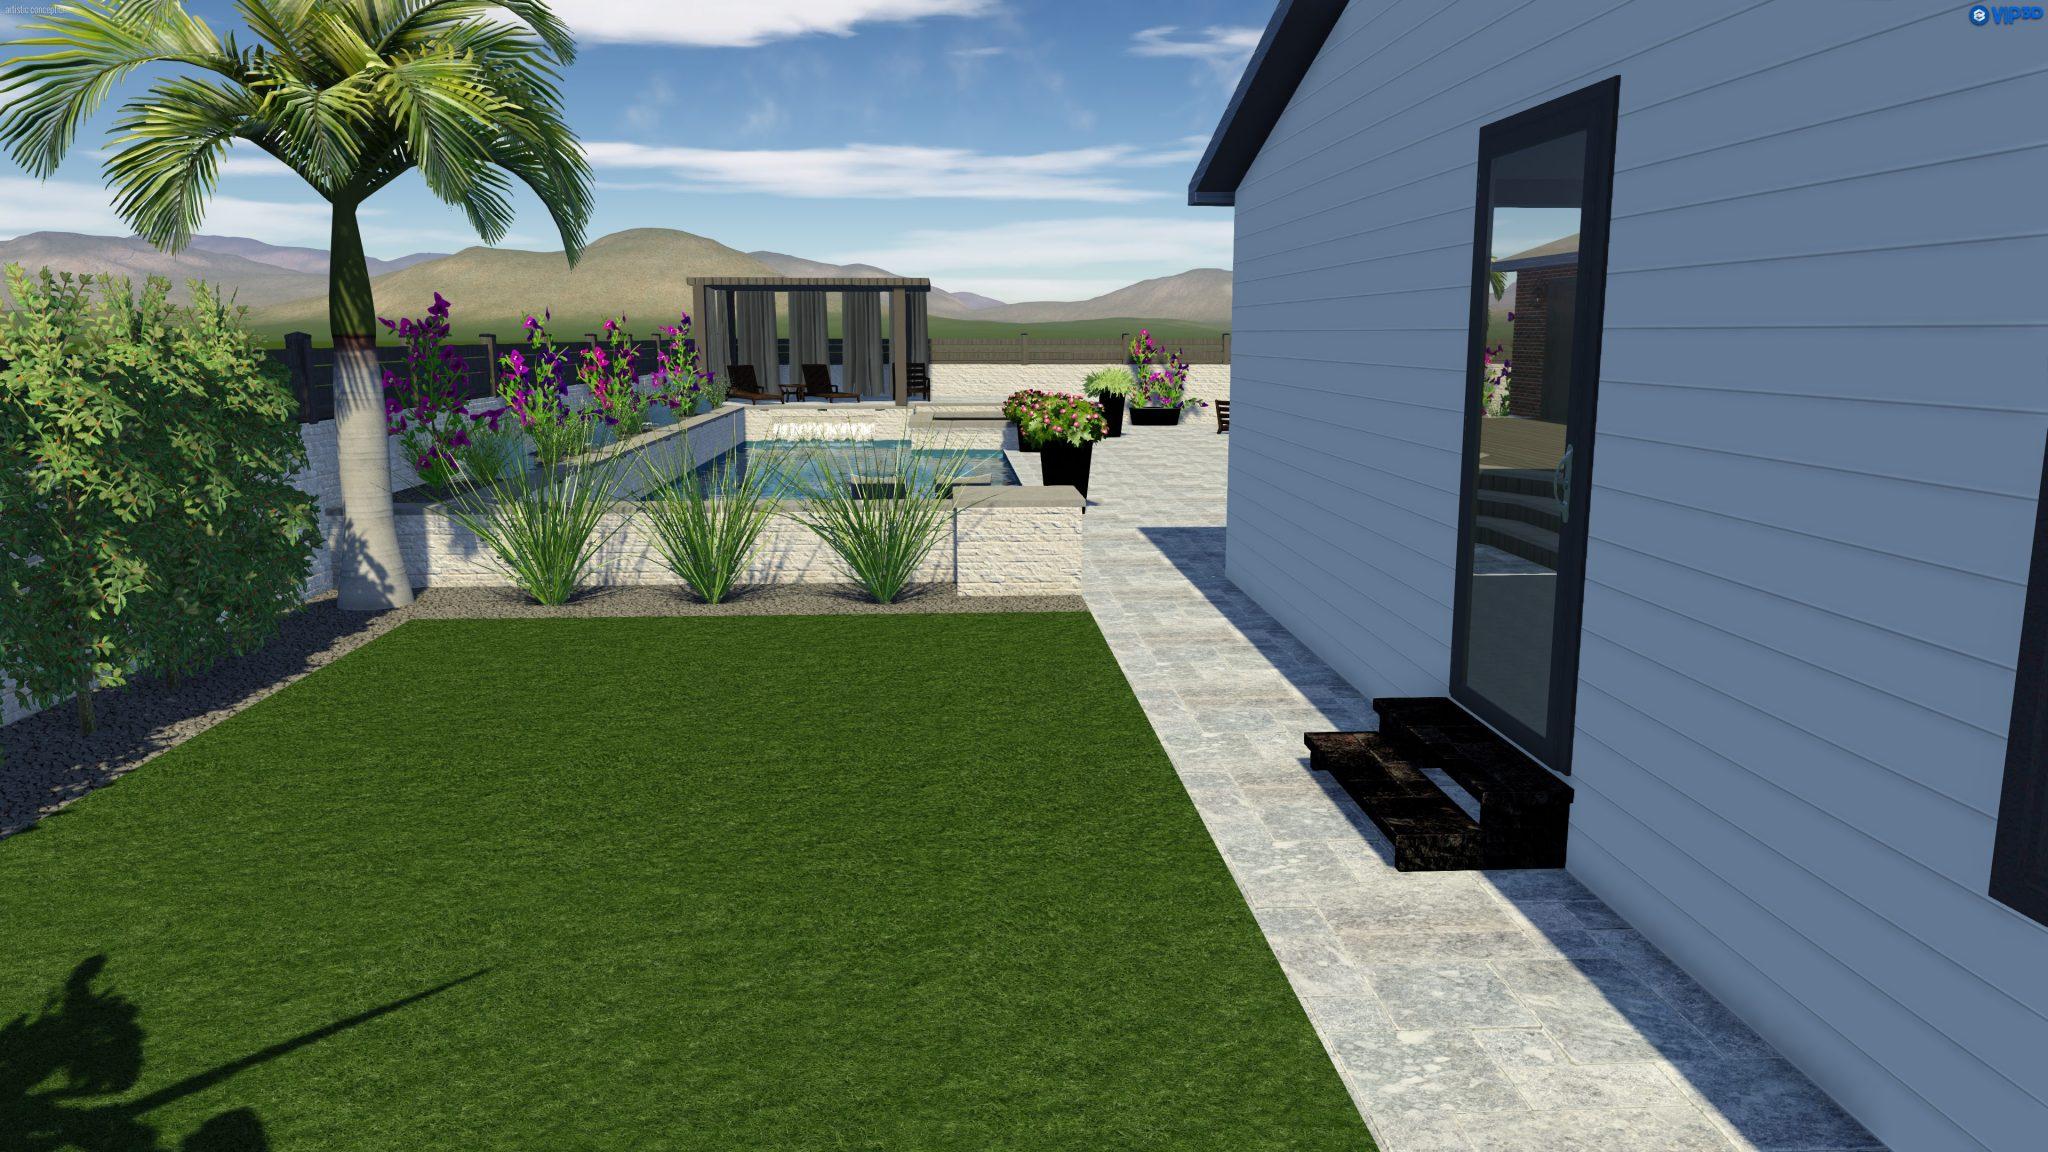 landscape design-elements